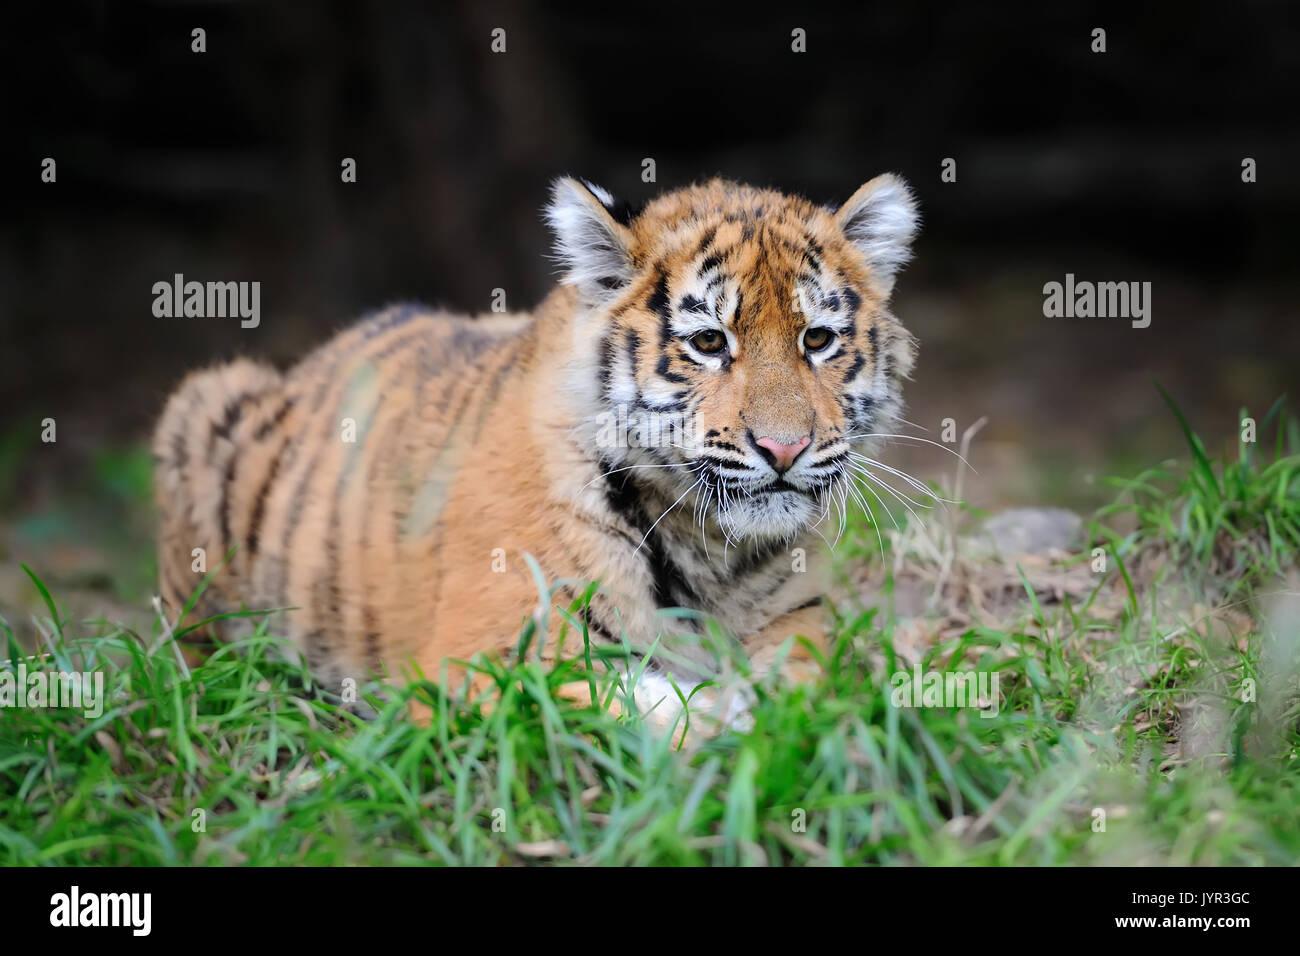 Baby Bengal Tiger Cub Portrait Stock Photos & Baby Bengal ... Cute Siberian Tiger Cubs